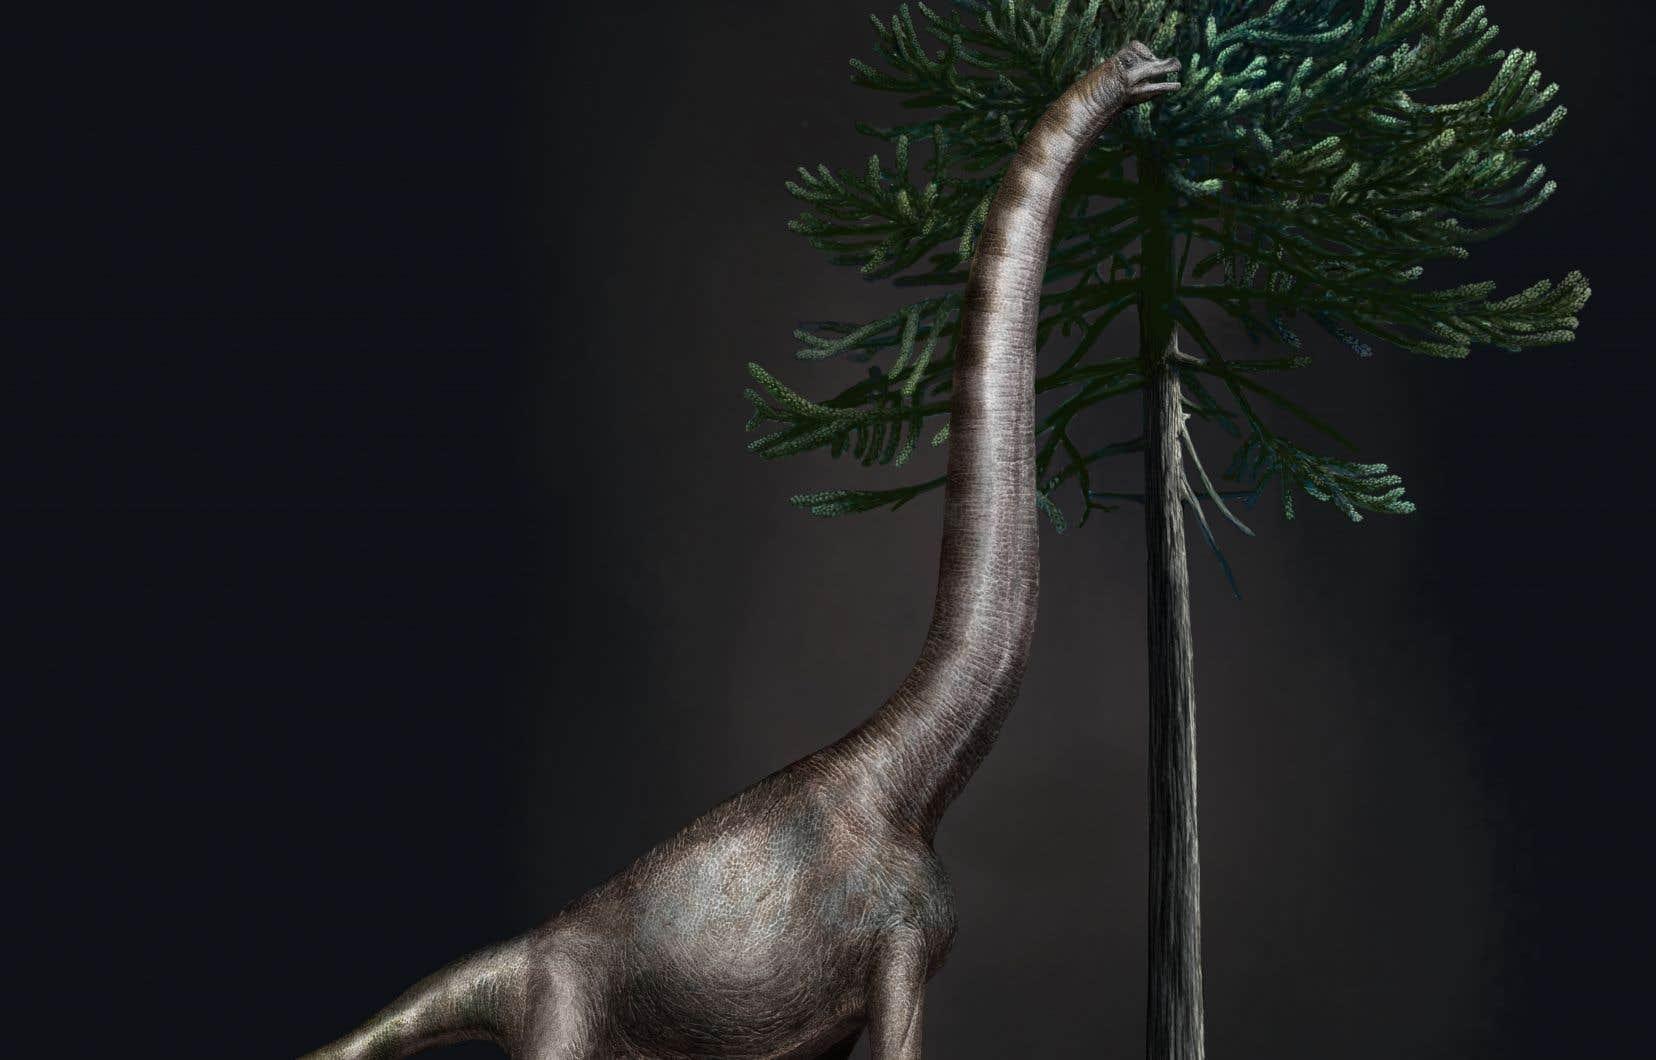 <p>S'il ne s'agit pas du plus grand dinosaure jamais mis au jour, c'est néanmoins la plus grande empreinte jamais répertoriée, selon les scientifiques.</p>